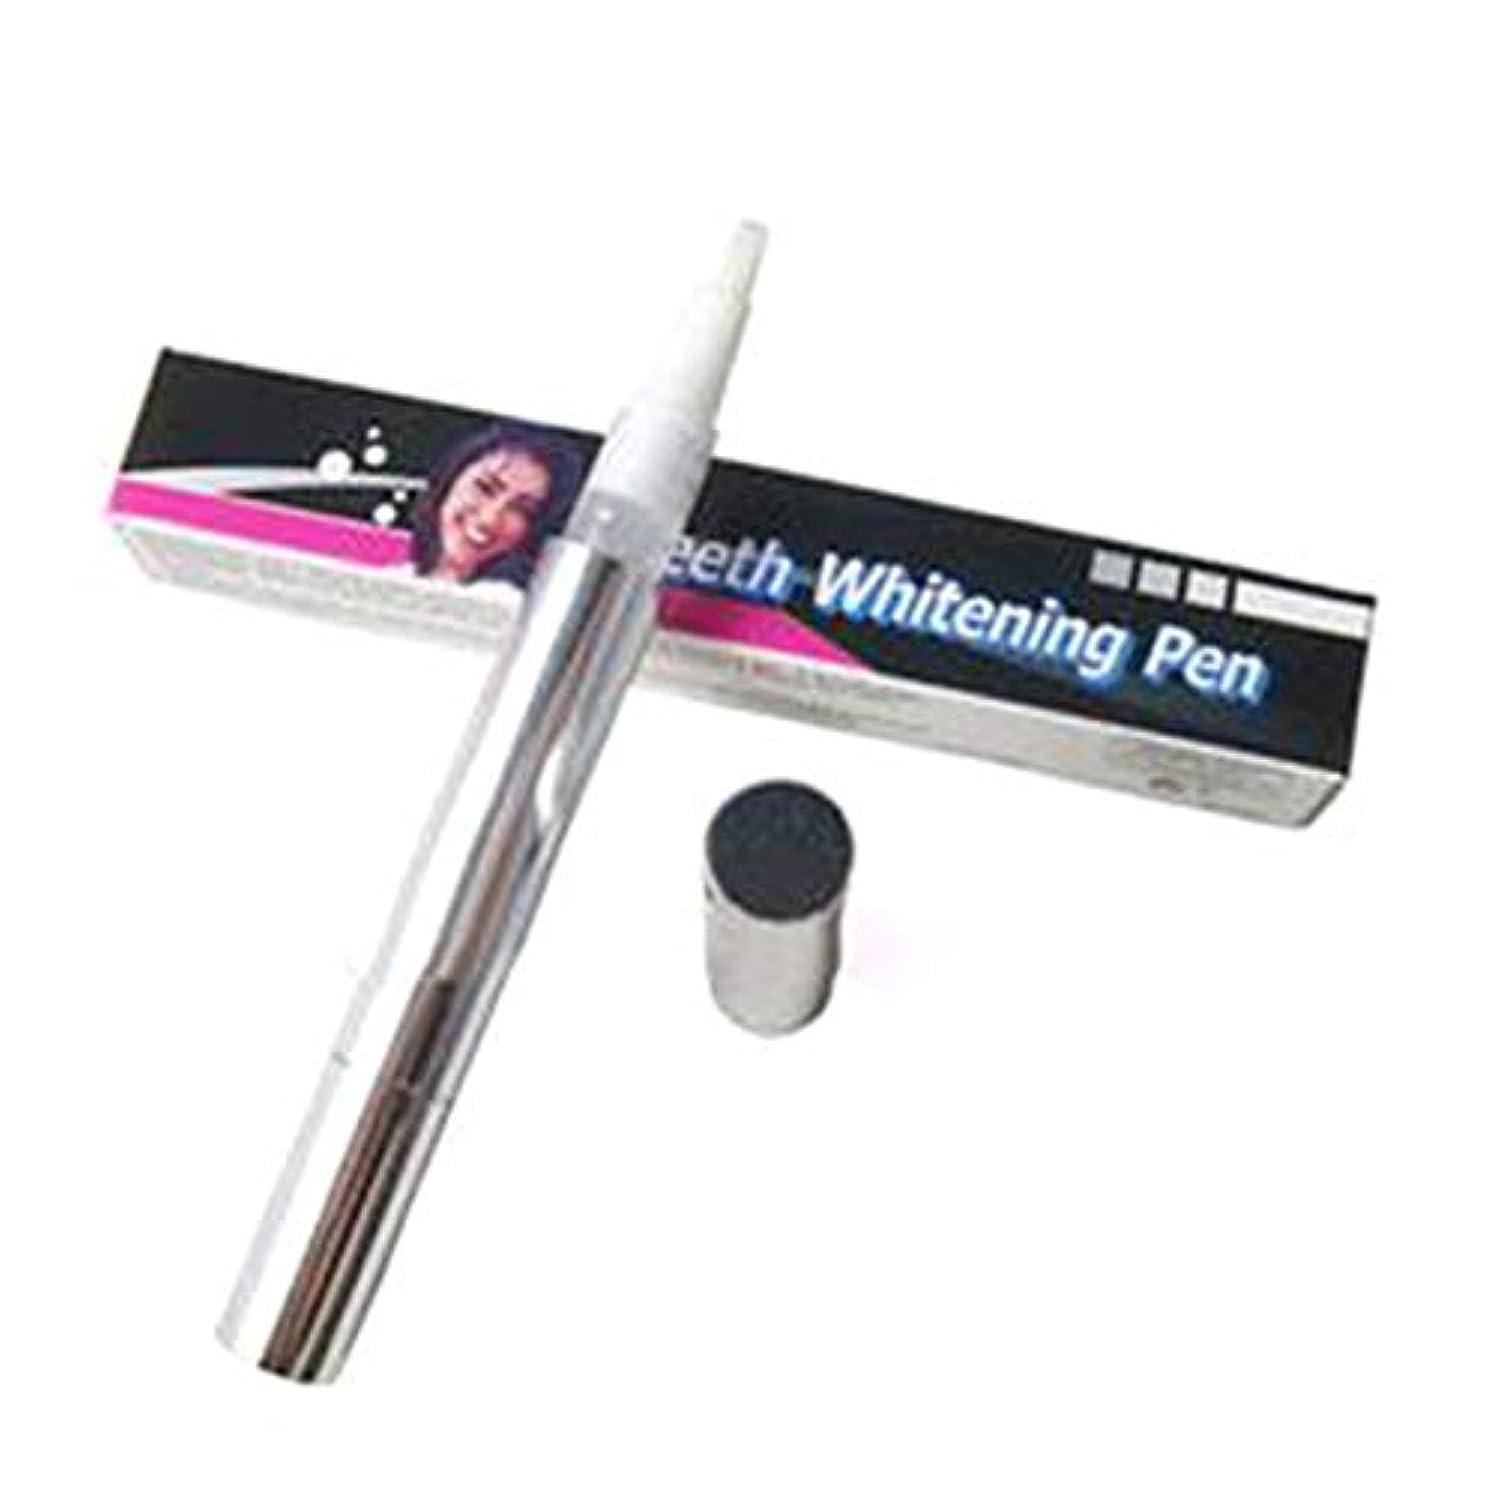 受け皿エージェント類似性ペンホワイトニングペン強力な汚れ消しゴム除去速い漂白歯ジェルホワイトナー歯科口腔衛生用品 - シルバー